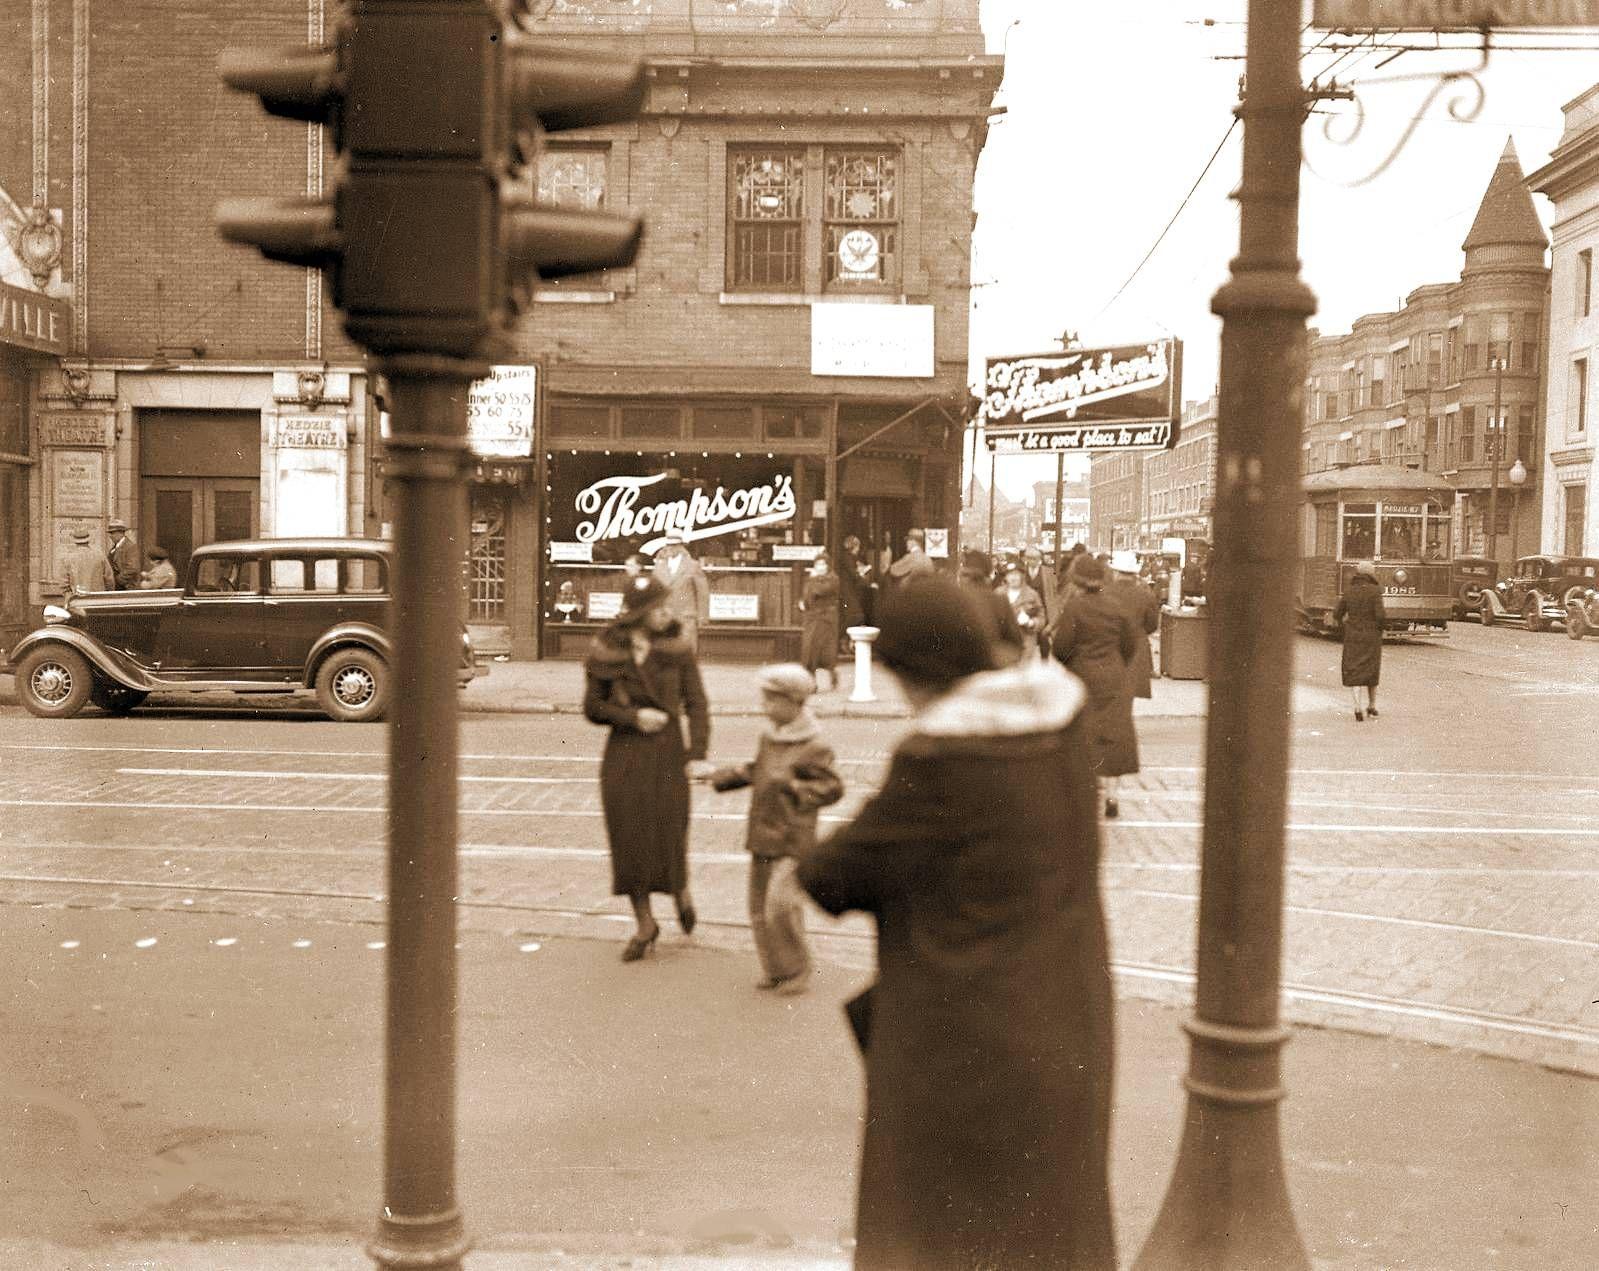 photo-chicago-madison-at-kedzie-thompsons-restaurant-on-corner-kedzie-theatre-on-left-note-sidewalk-drinking-fountain-c1930.jpg (1599×1271)